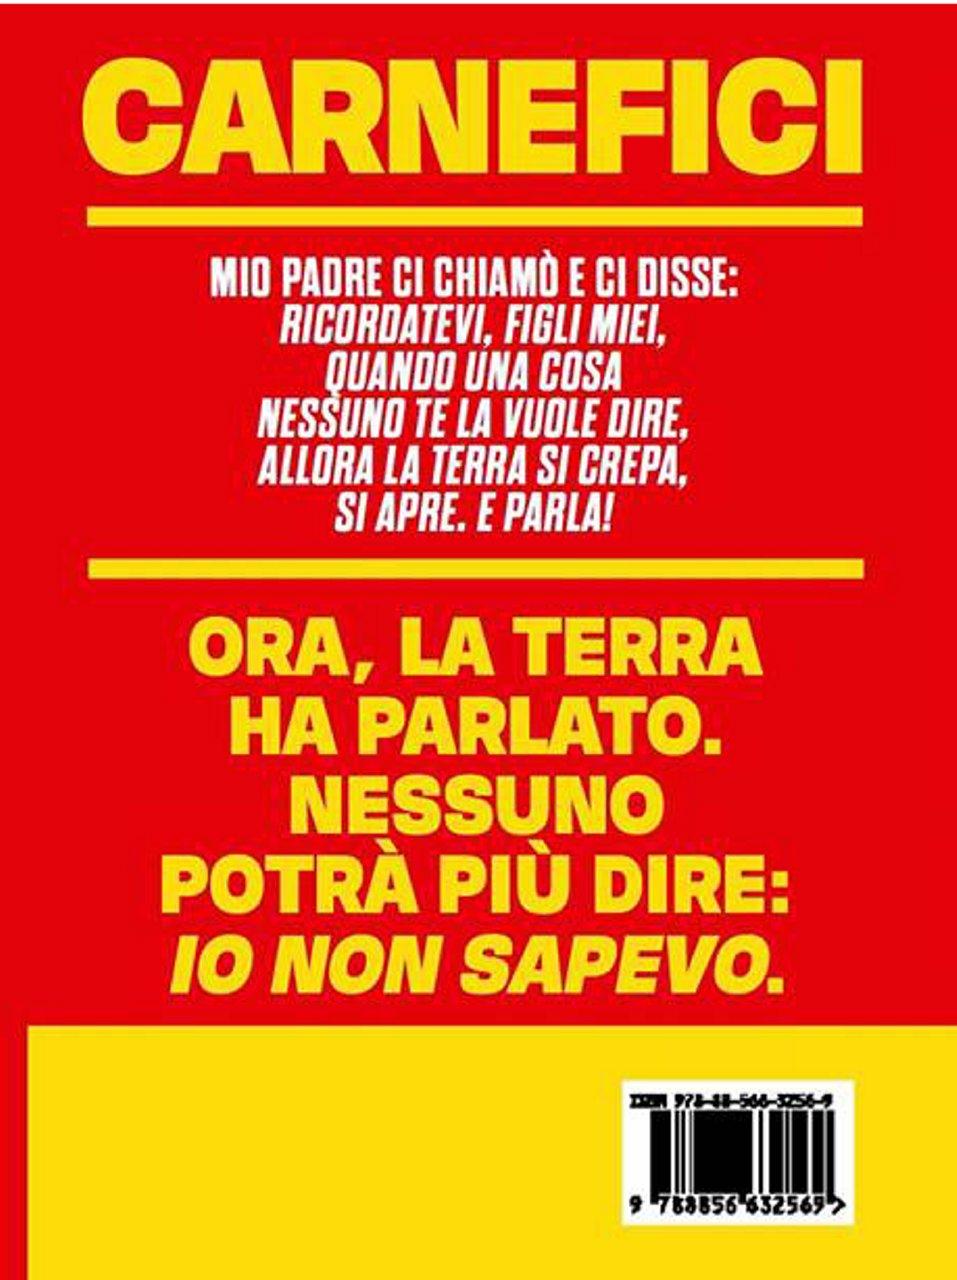 Pino Aprile Carnefici 1#002